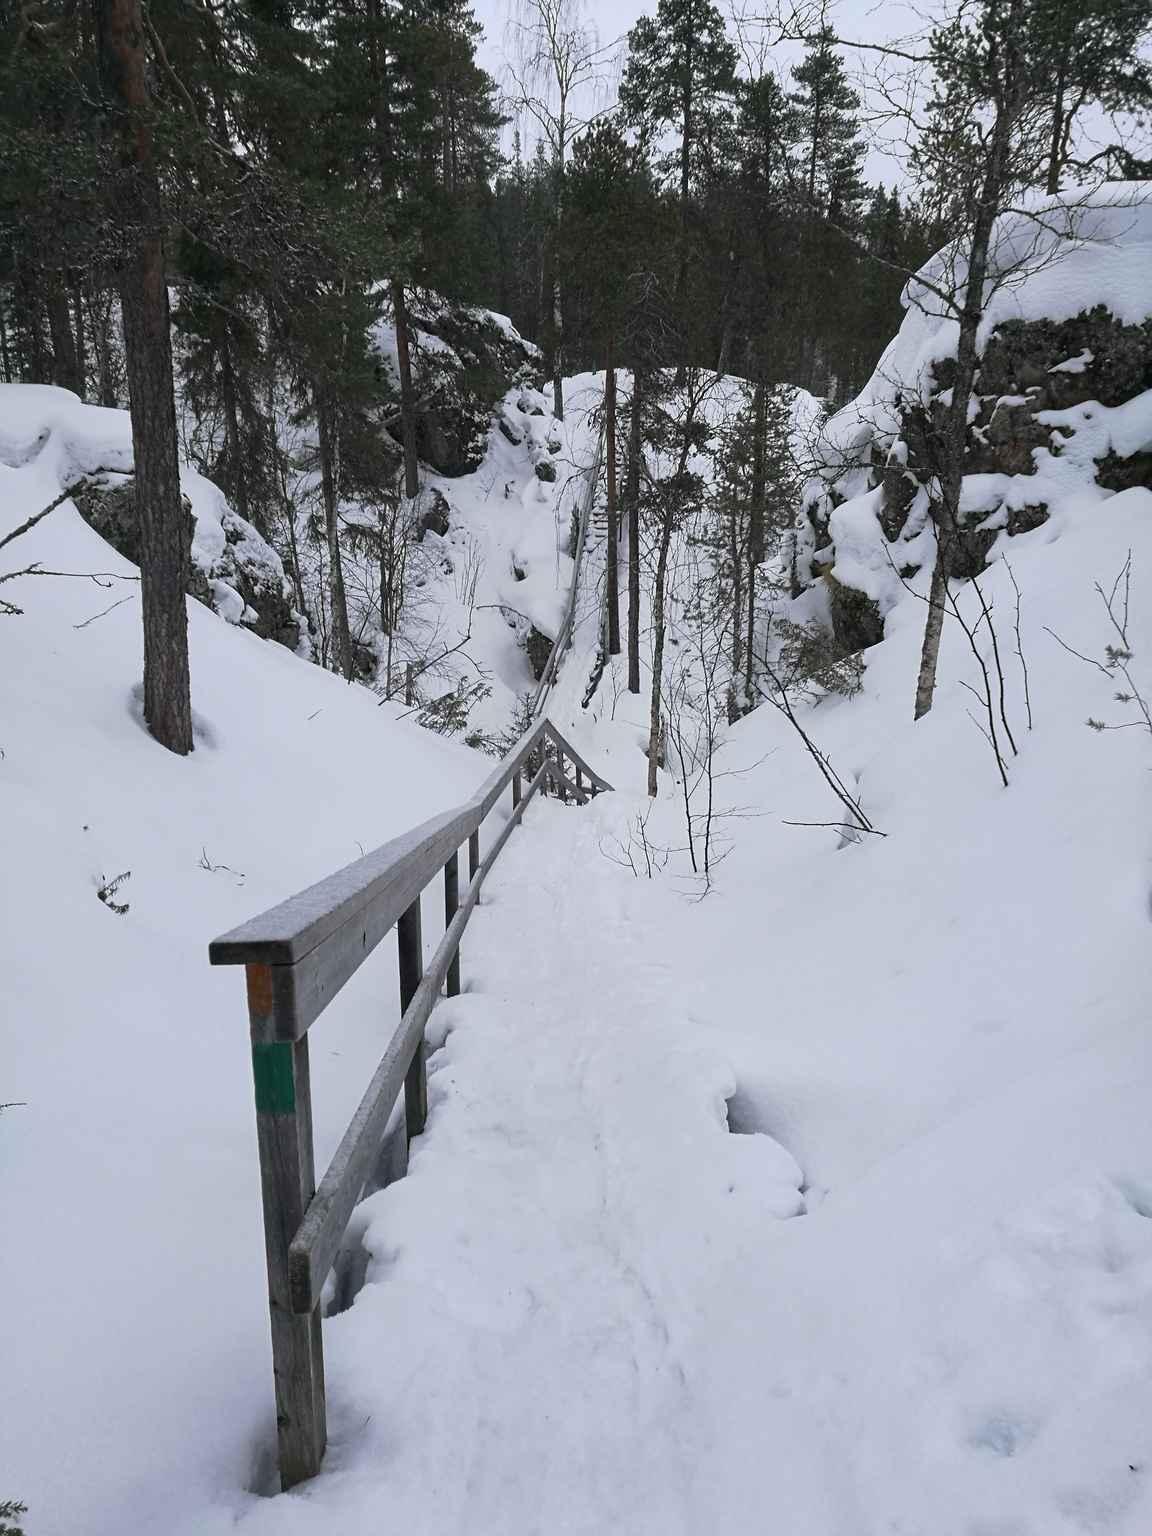 Porrasosuudet ovat talvella Pienellä Karhunkierroksella haastavia, Kallioportit portaat luonnollisesti pahimmat pituuden puolesta.